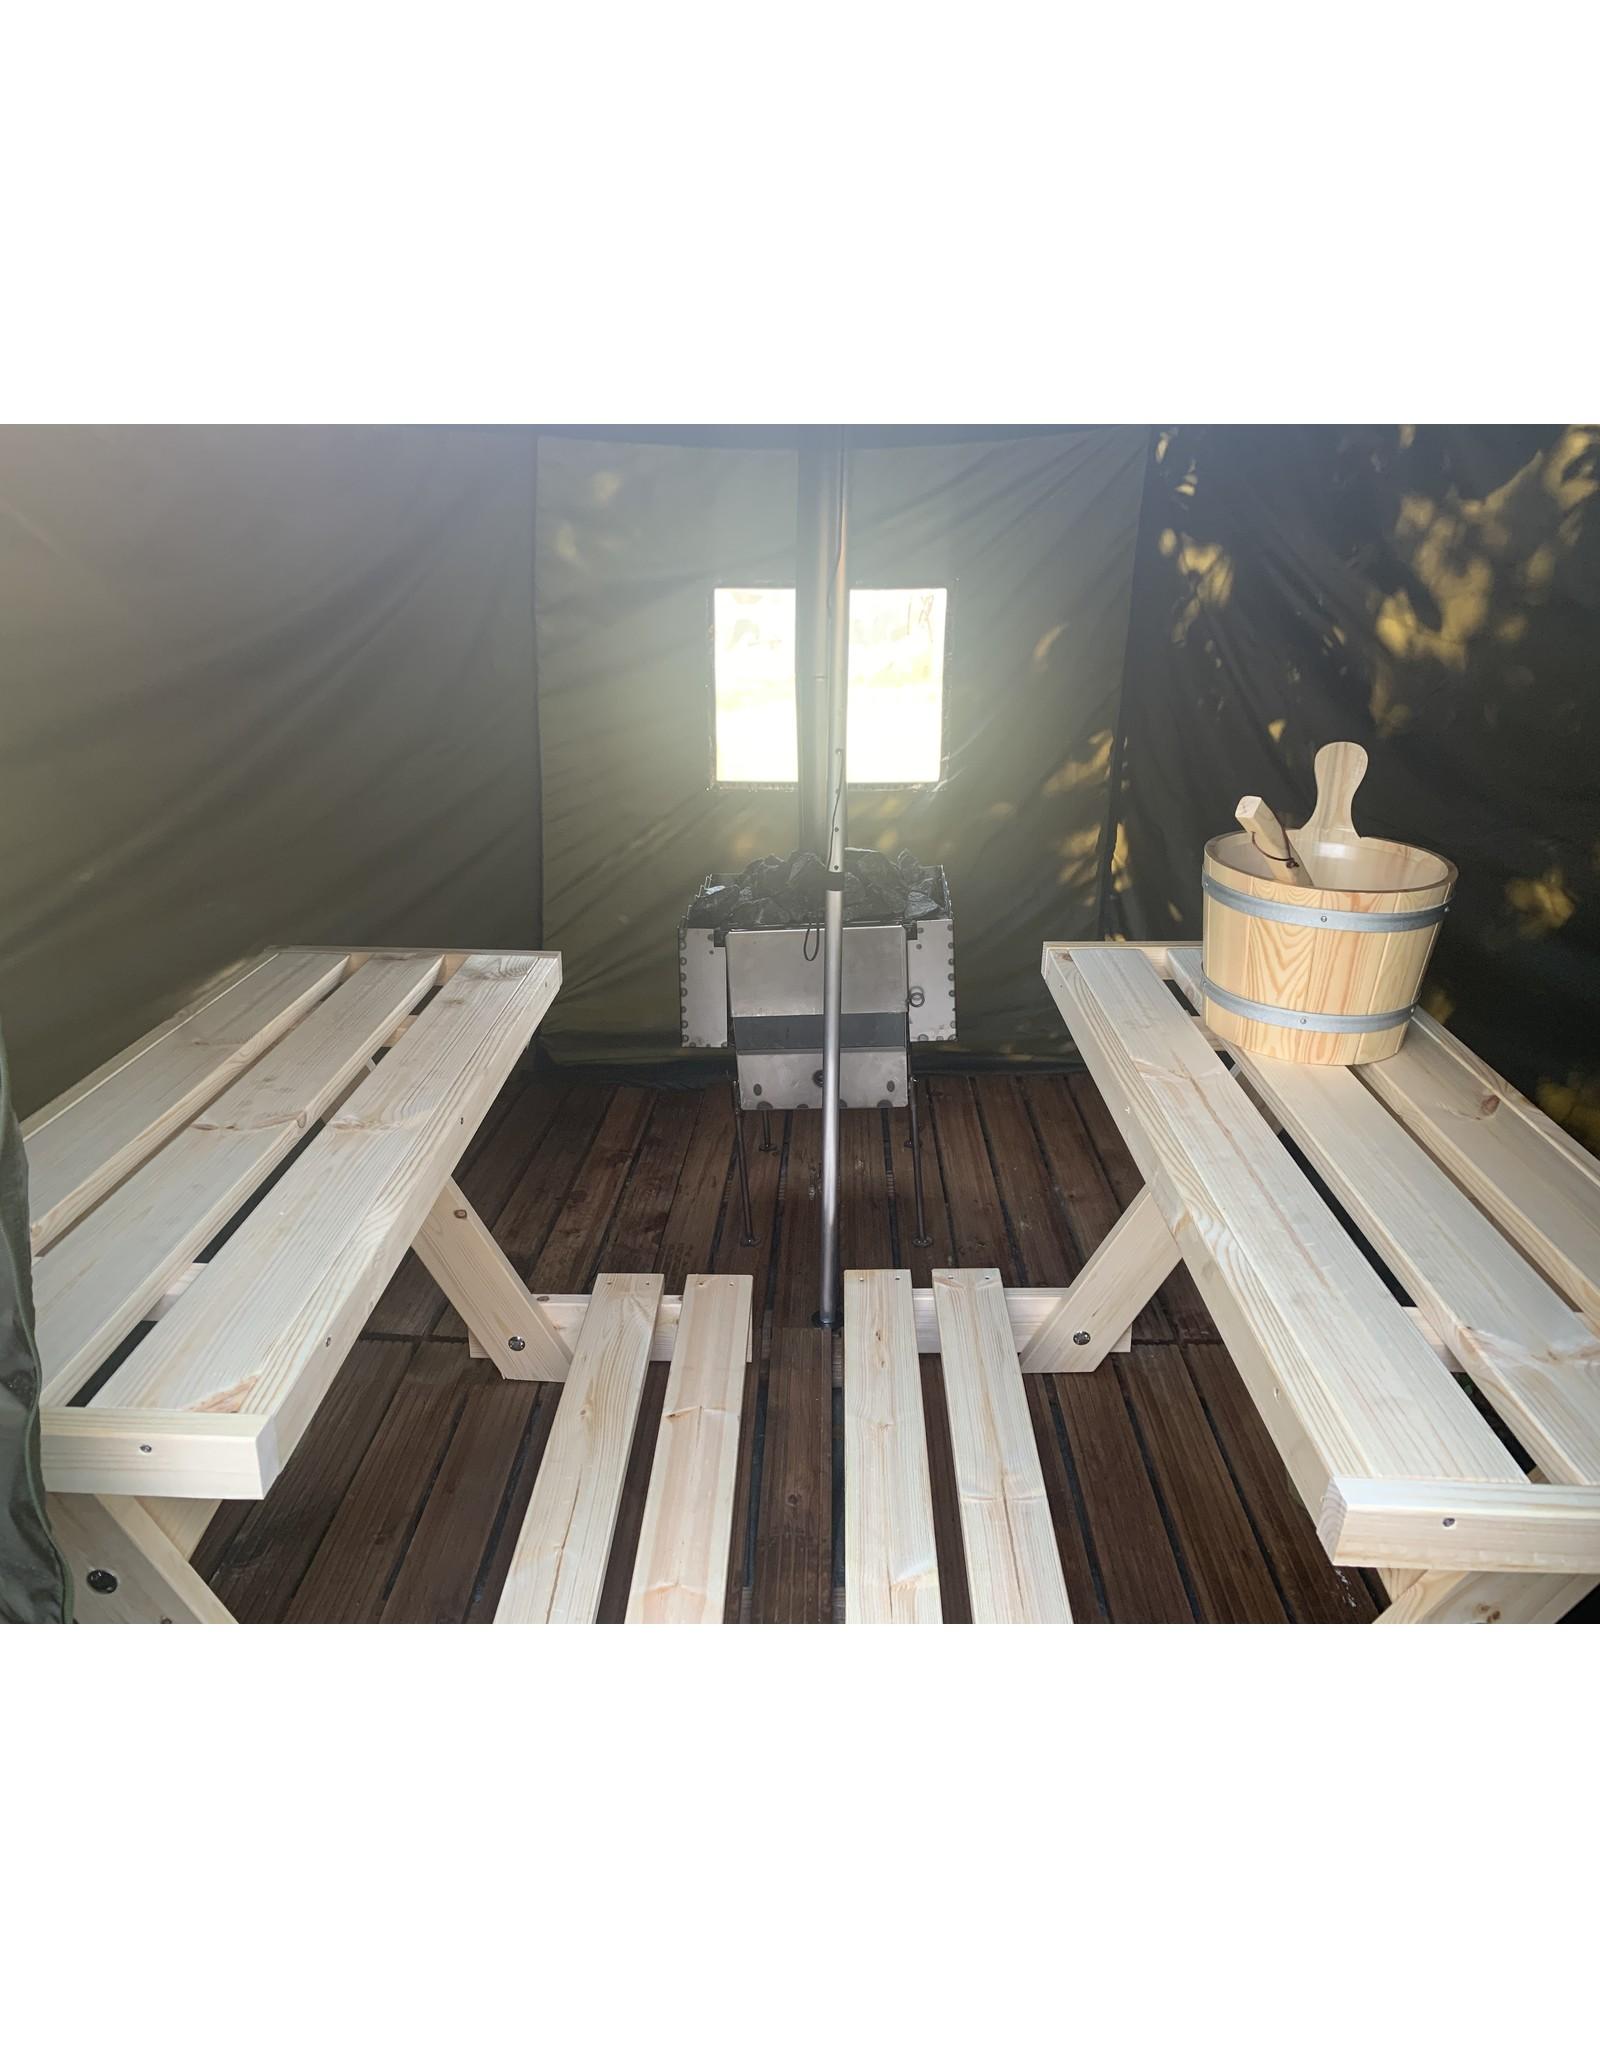 Savotta HIISI 4 Saunazelt mit Ofen